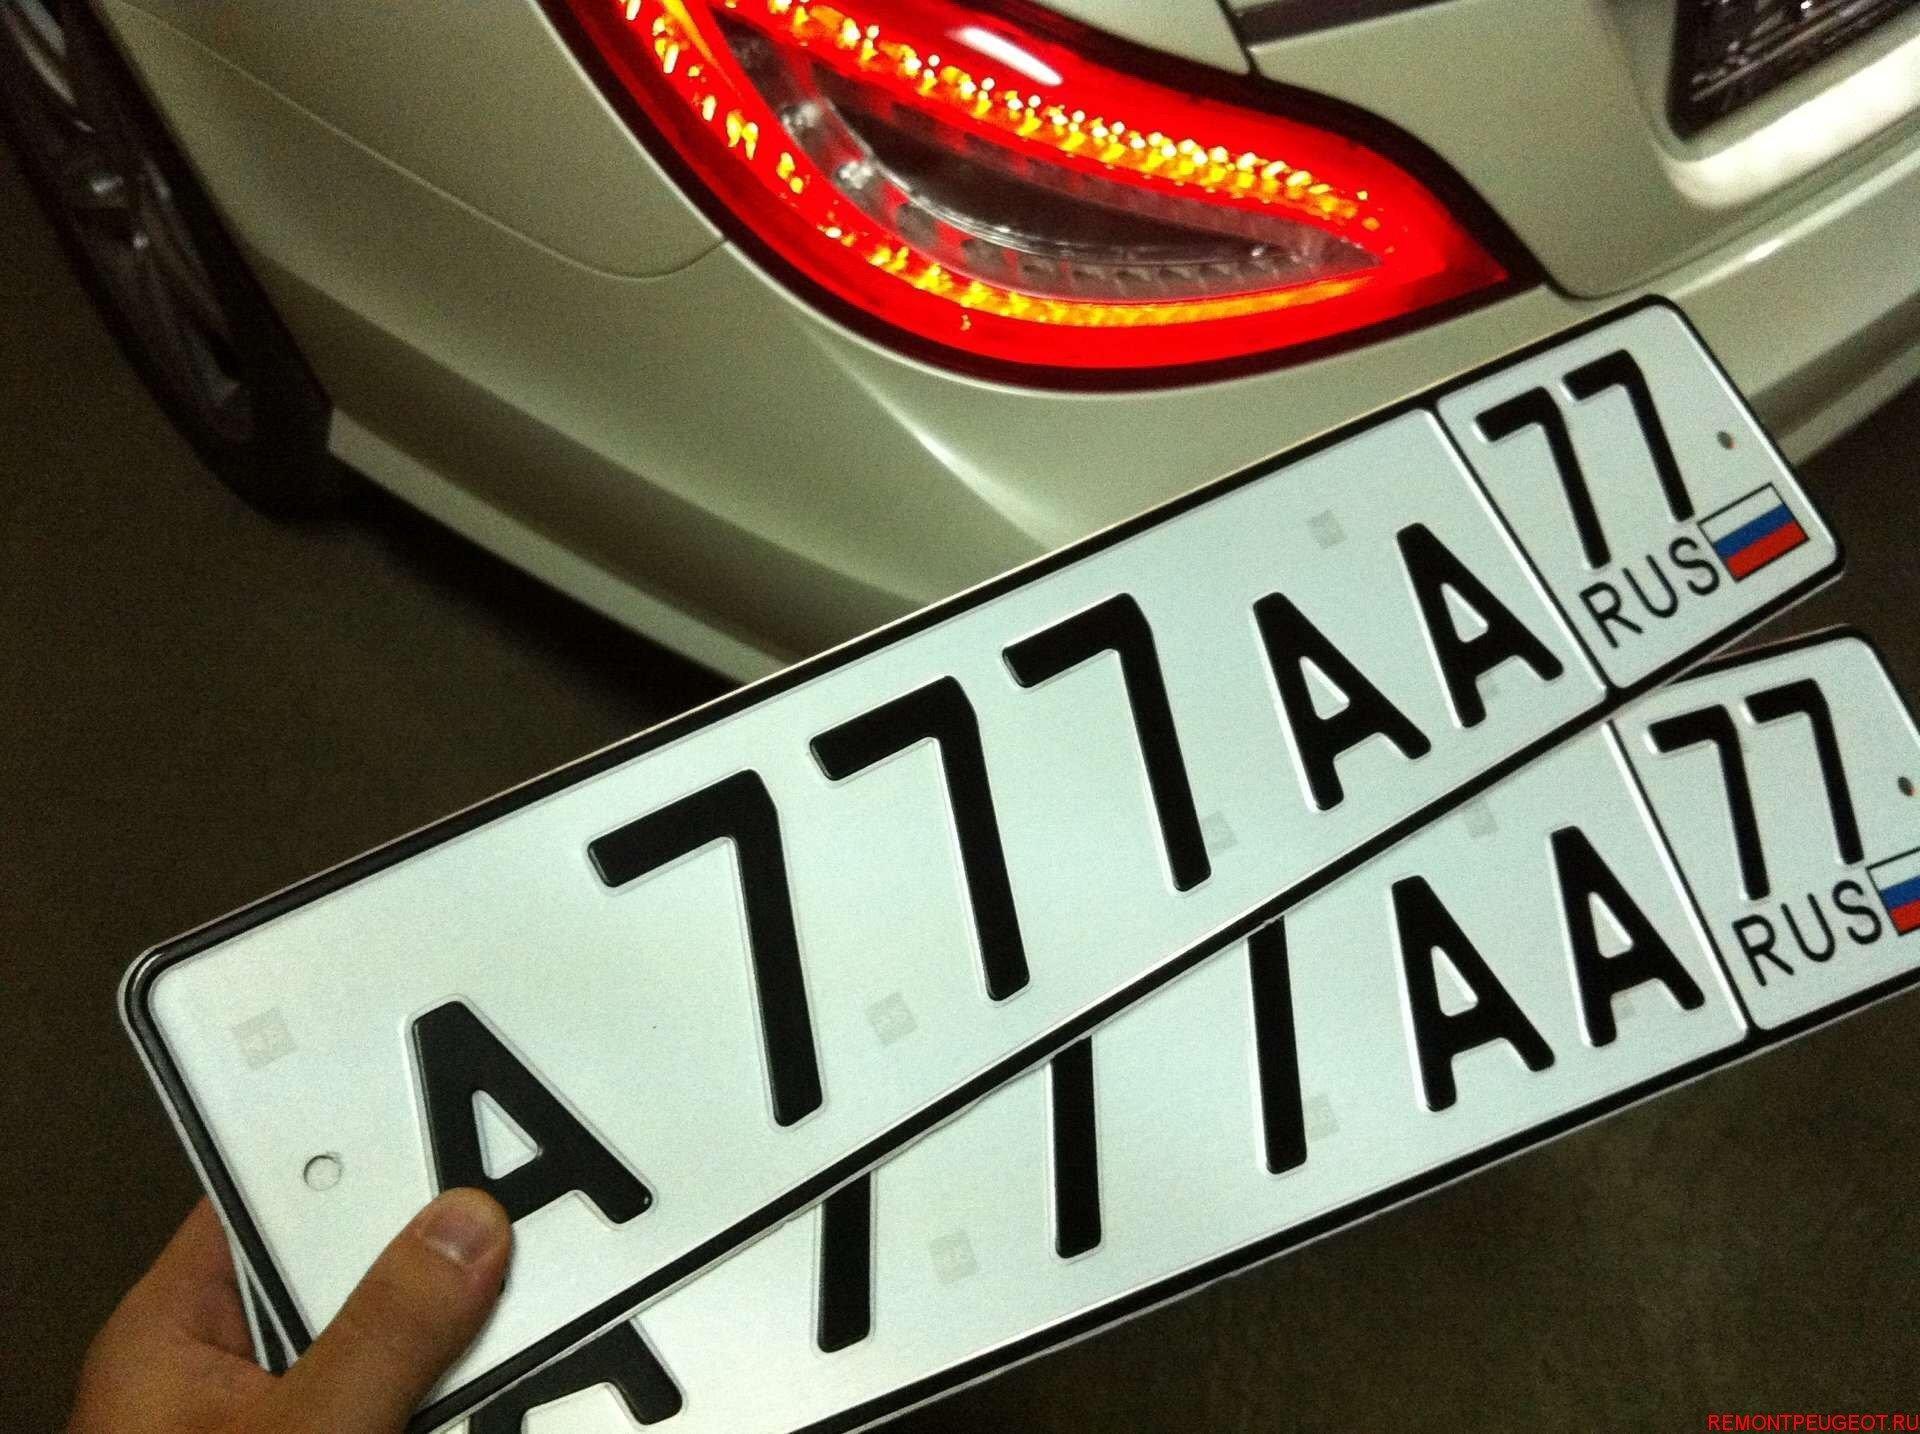 Штраф за утерю номера автомобиля в 2019 году: что делать и восстановление гос номера